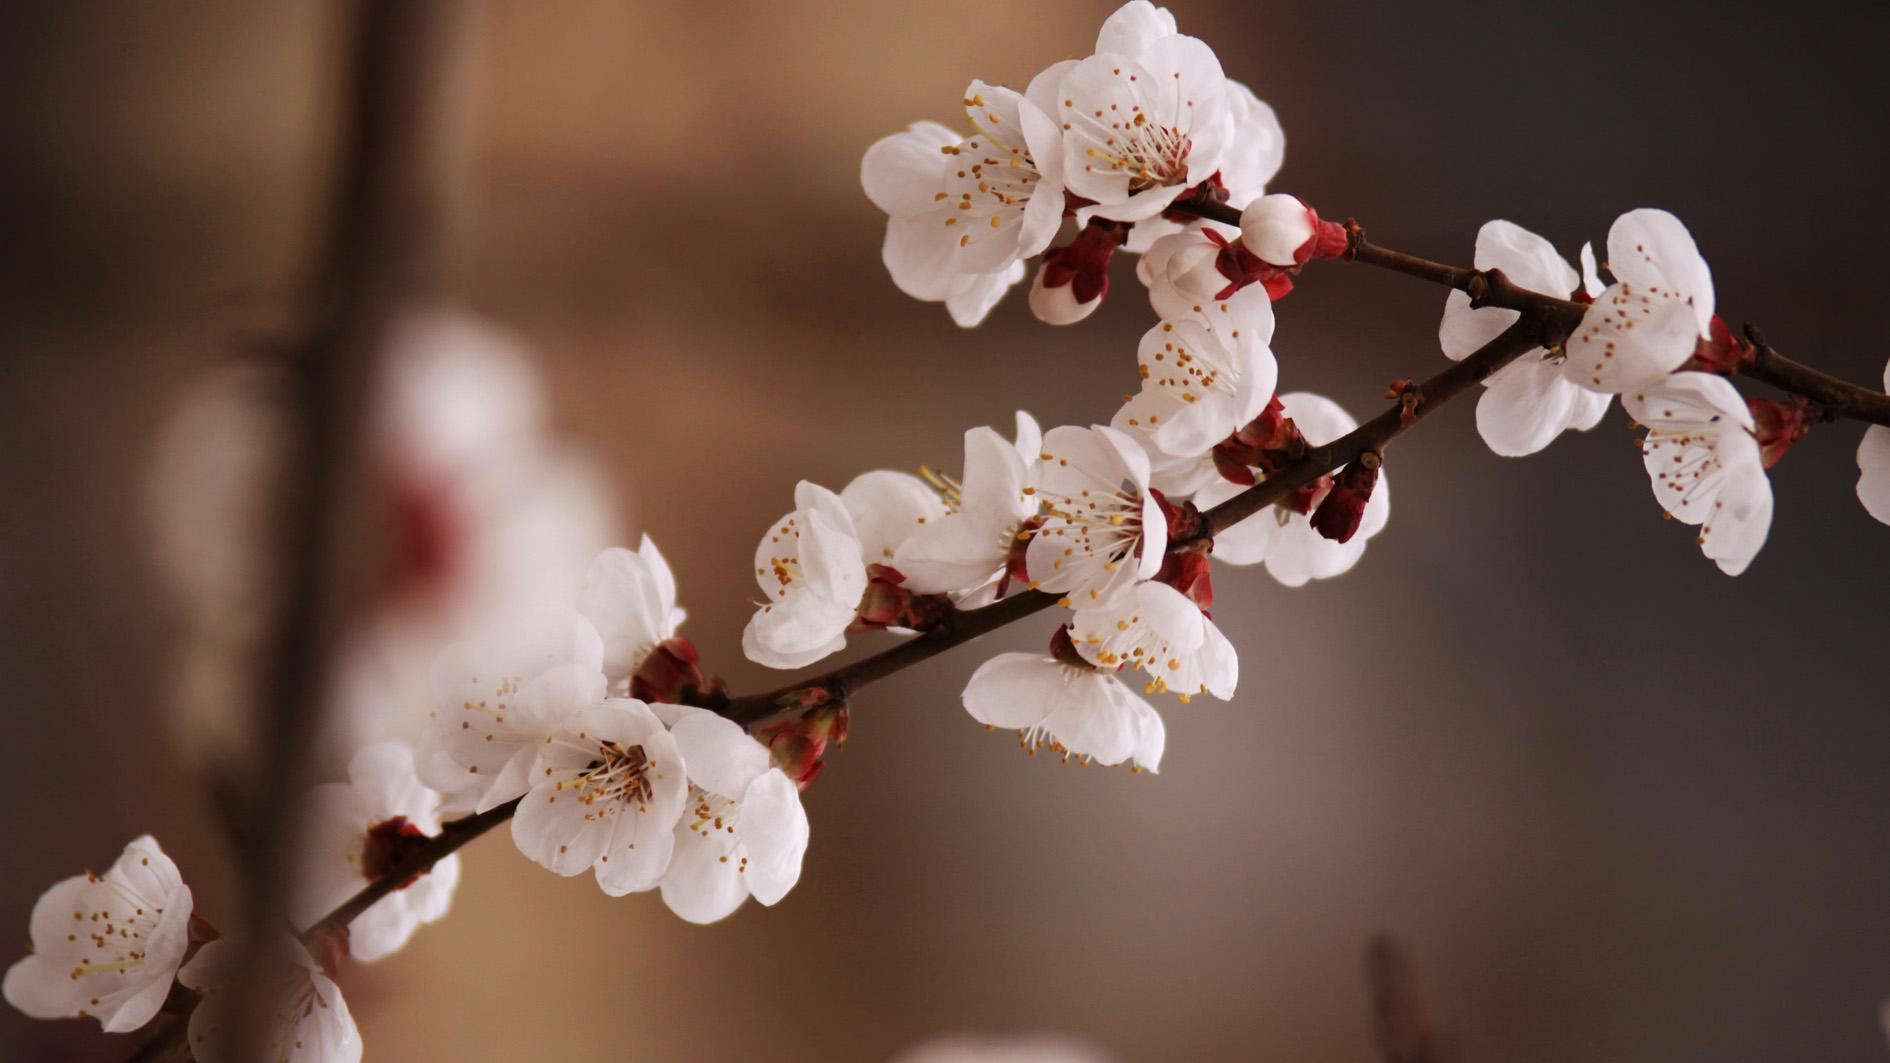 伊宁县:杏乡在杏花中苏醒